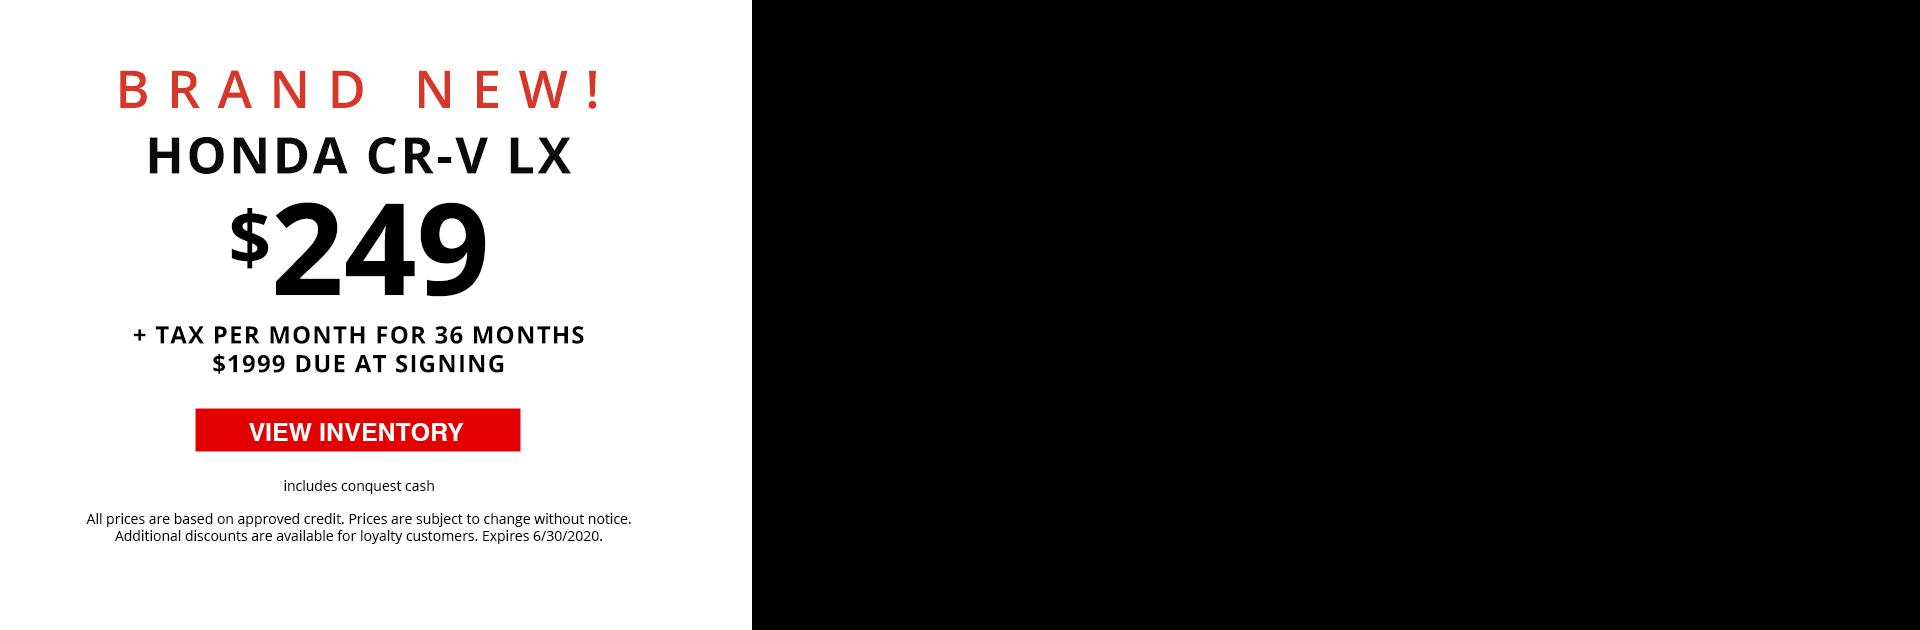 Video Banner - 2020 Honda CR-V LX